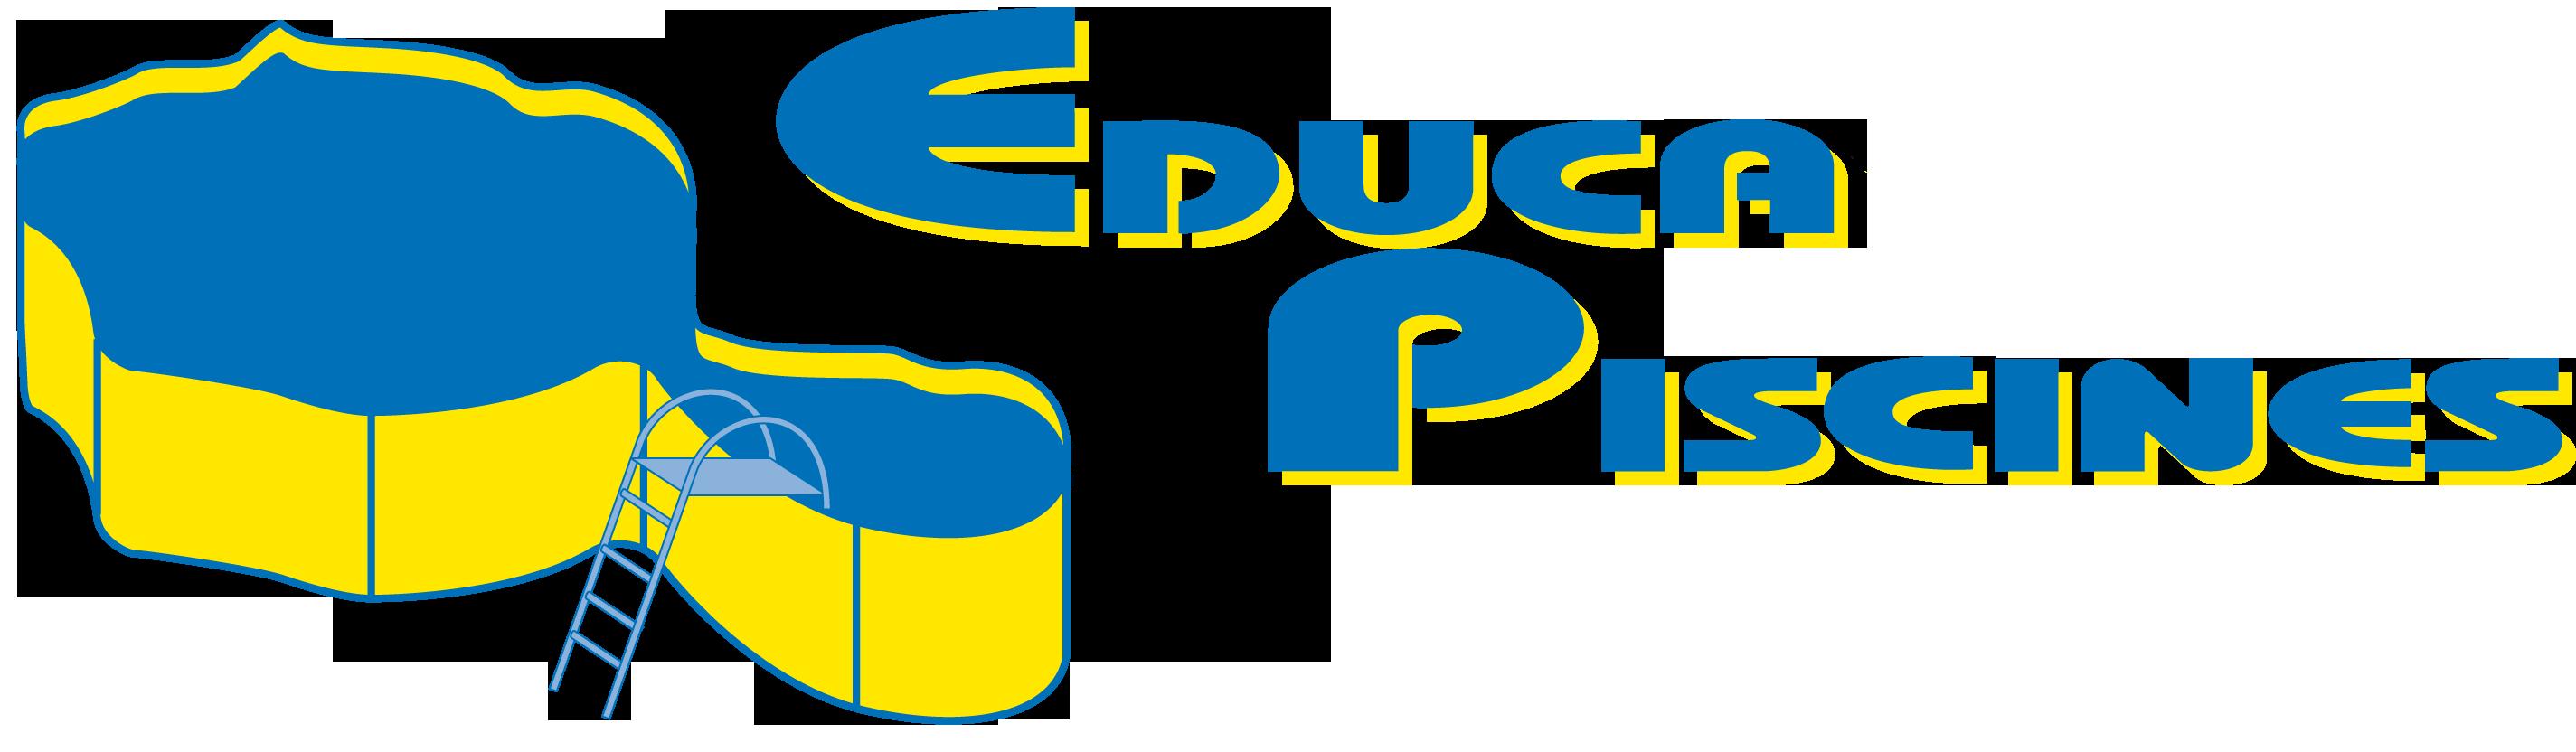 EDUCA PISCINES